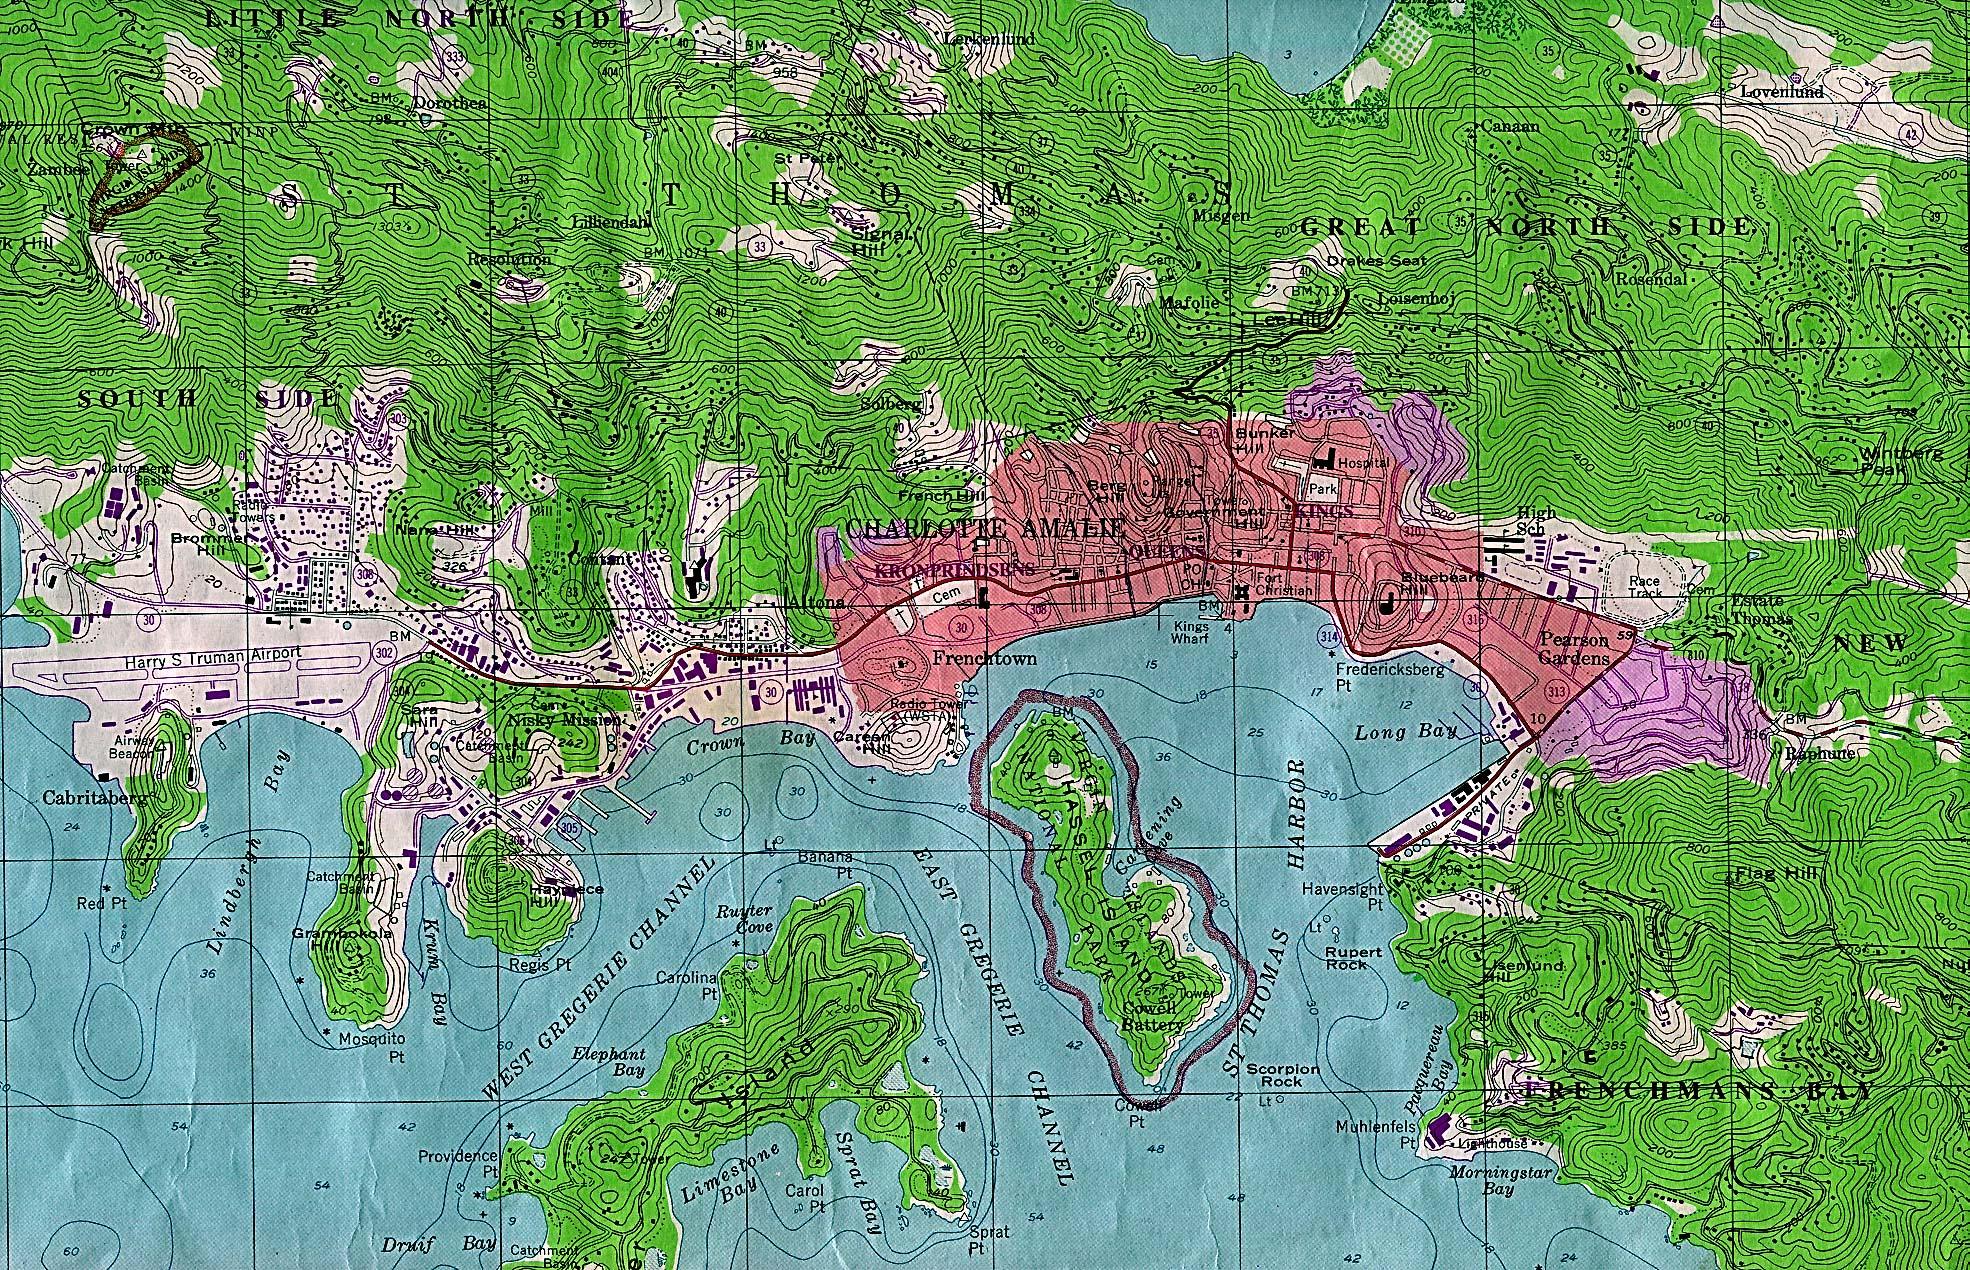 Download Free Virgin Islands Maps